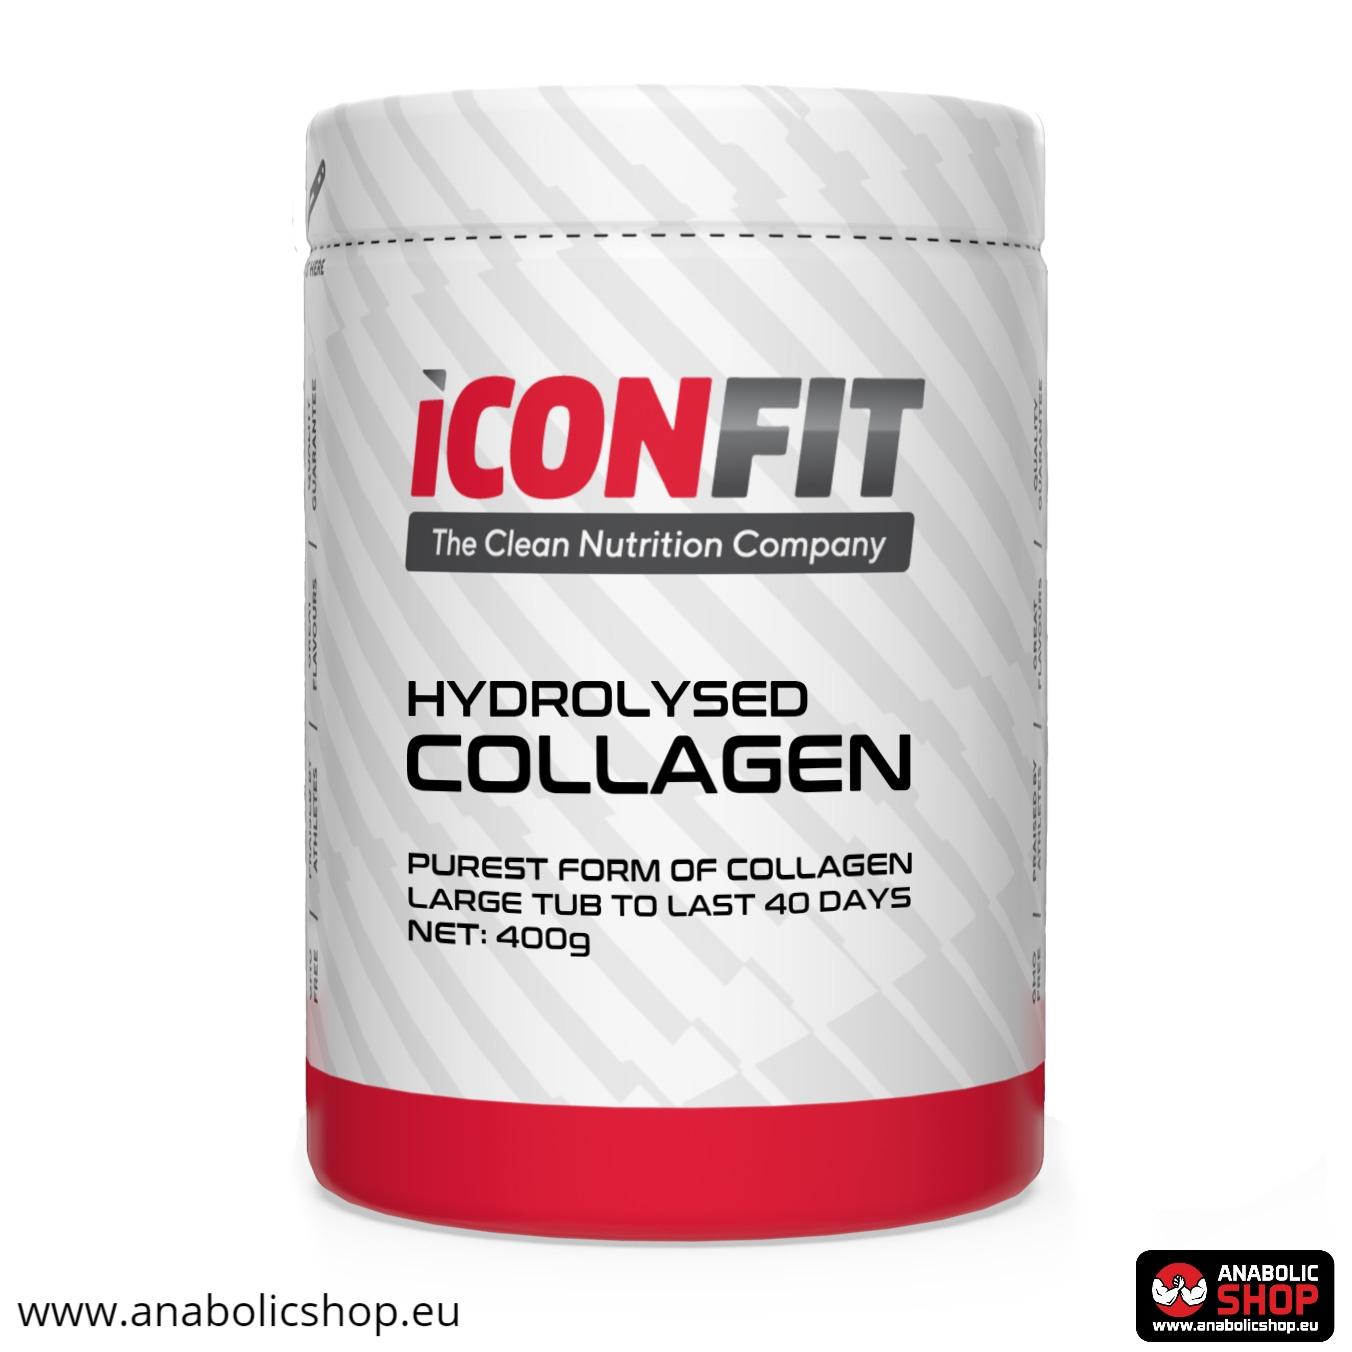 Iconfit Collagen